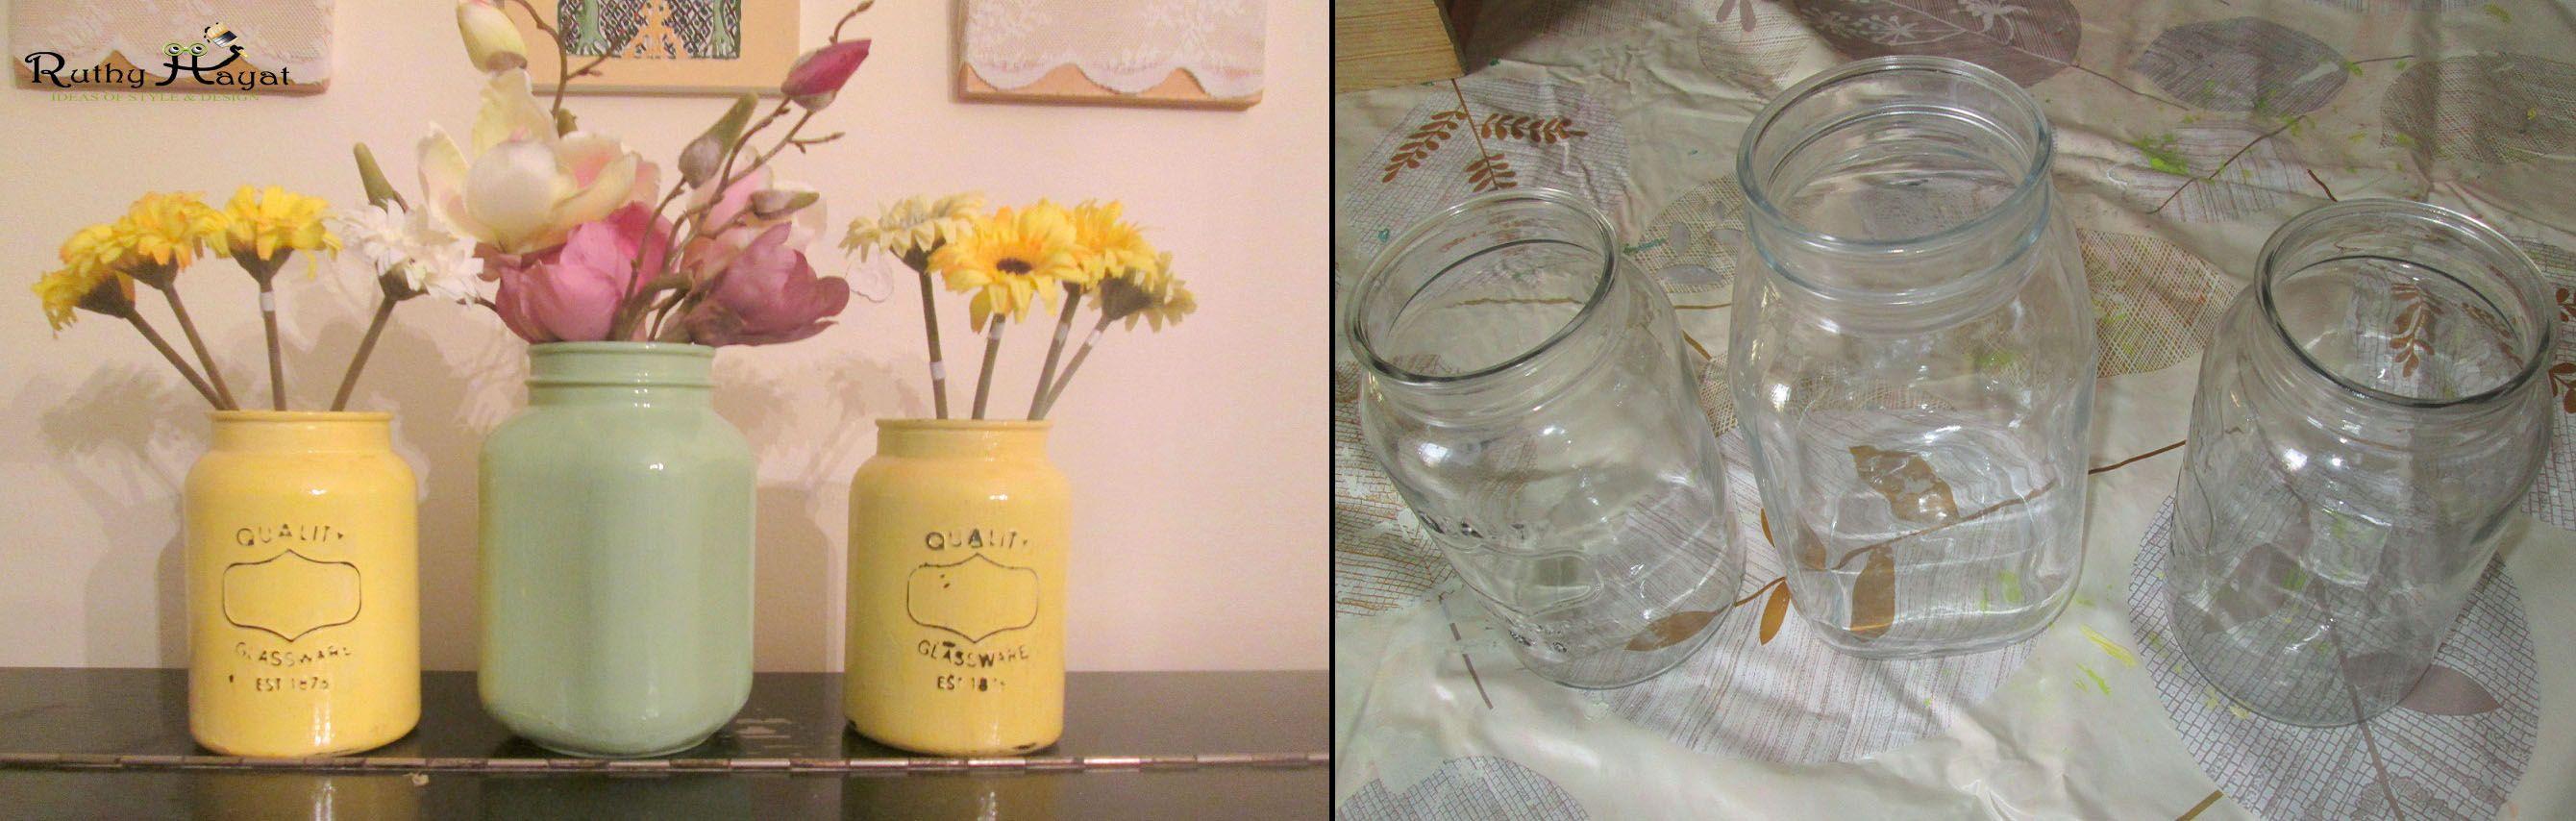 שקופה לאגרטל פרחים - אקססורייז לבית